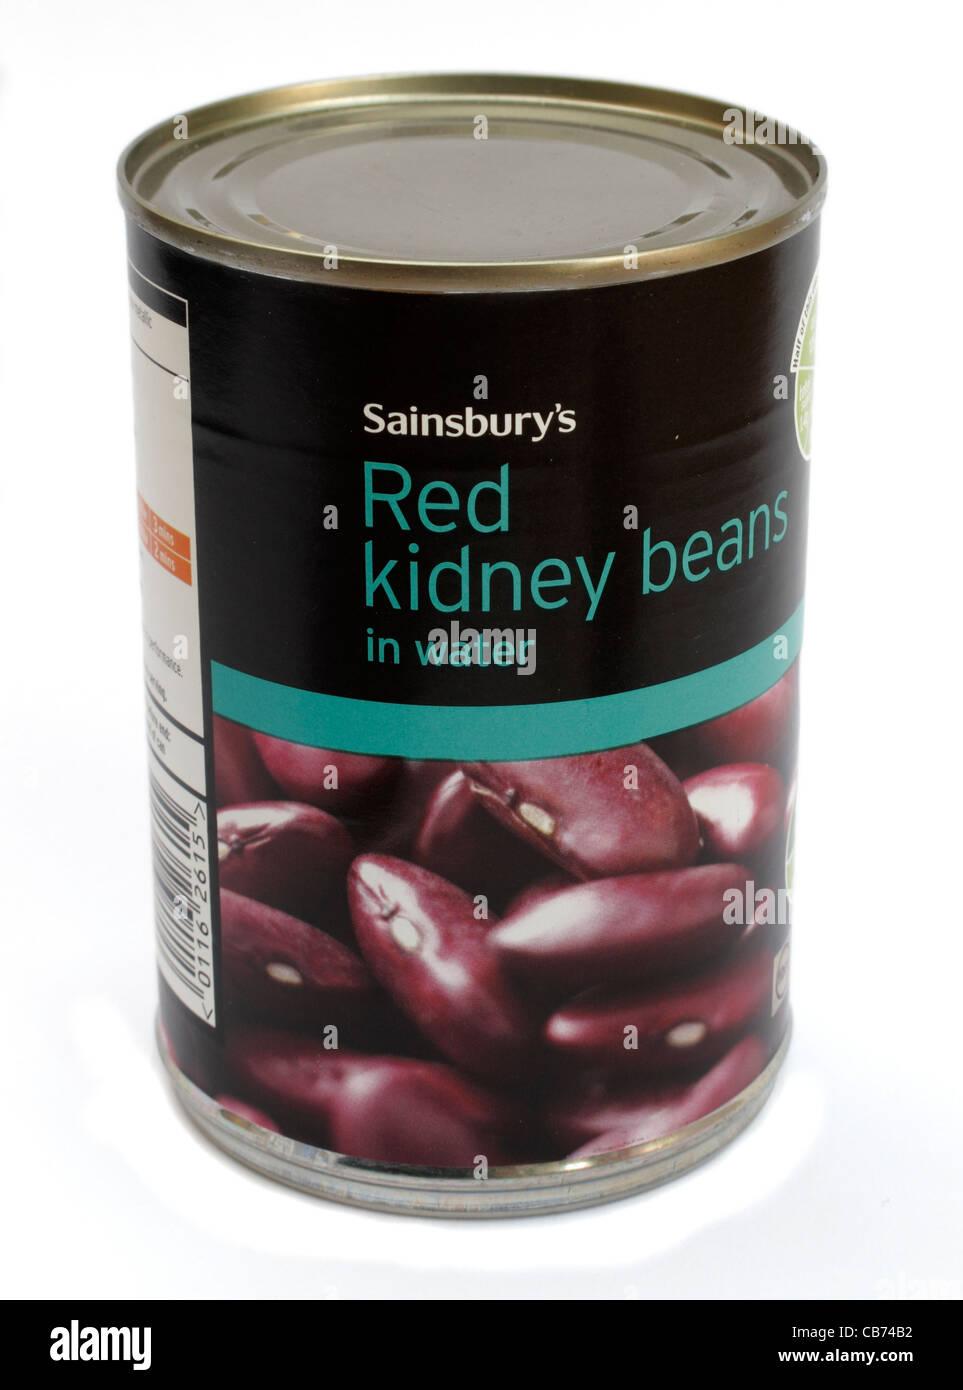 Tin de Sainsbury's propre marque des haricots rouges dans l'eau des aliments en conserve Banque D'Images